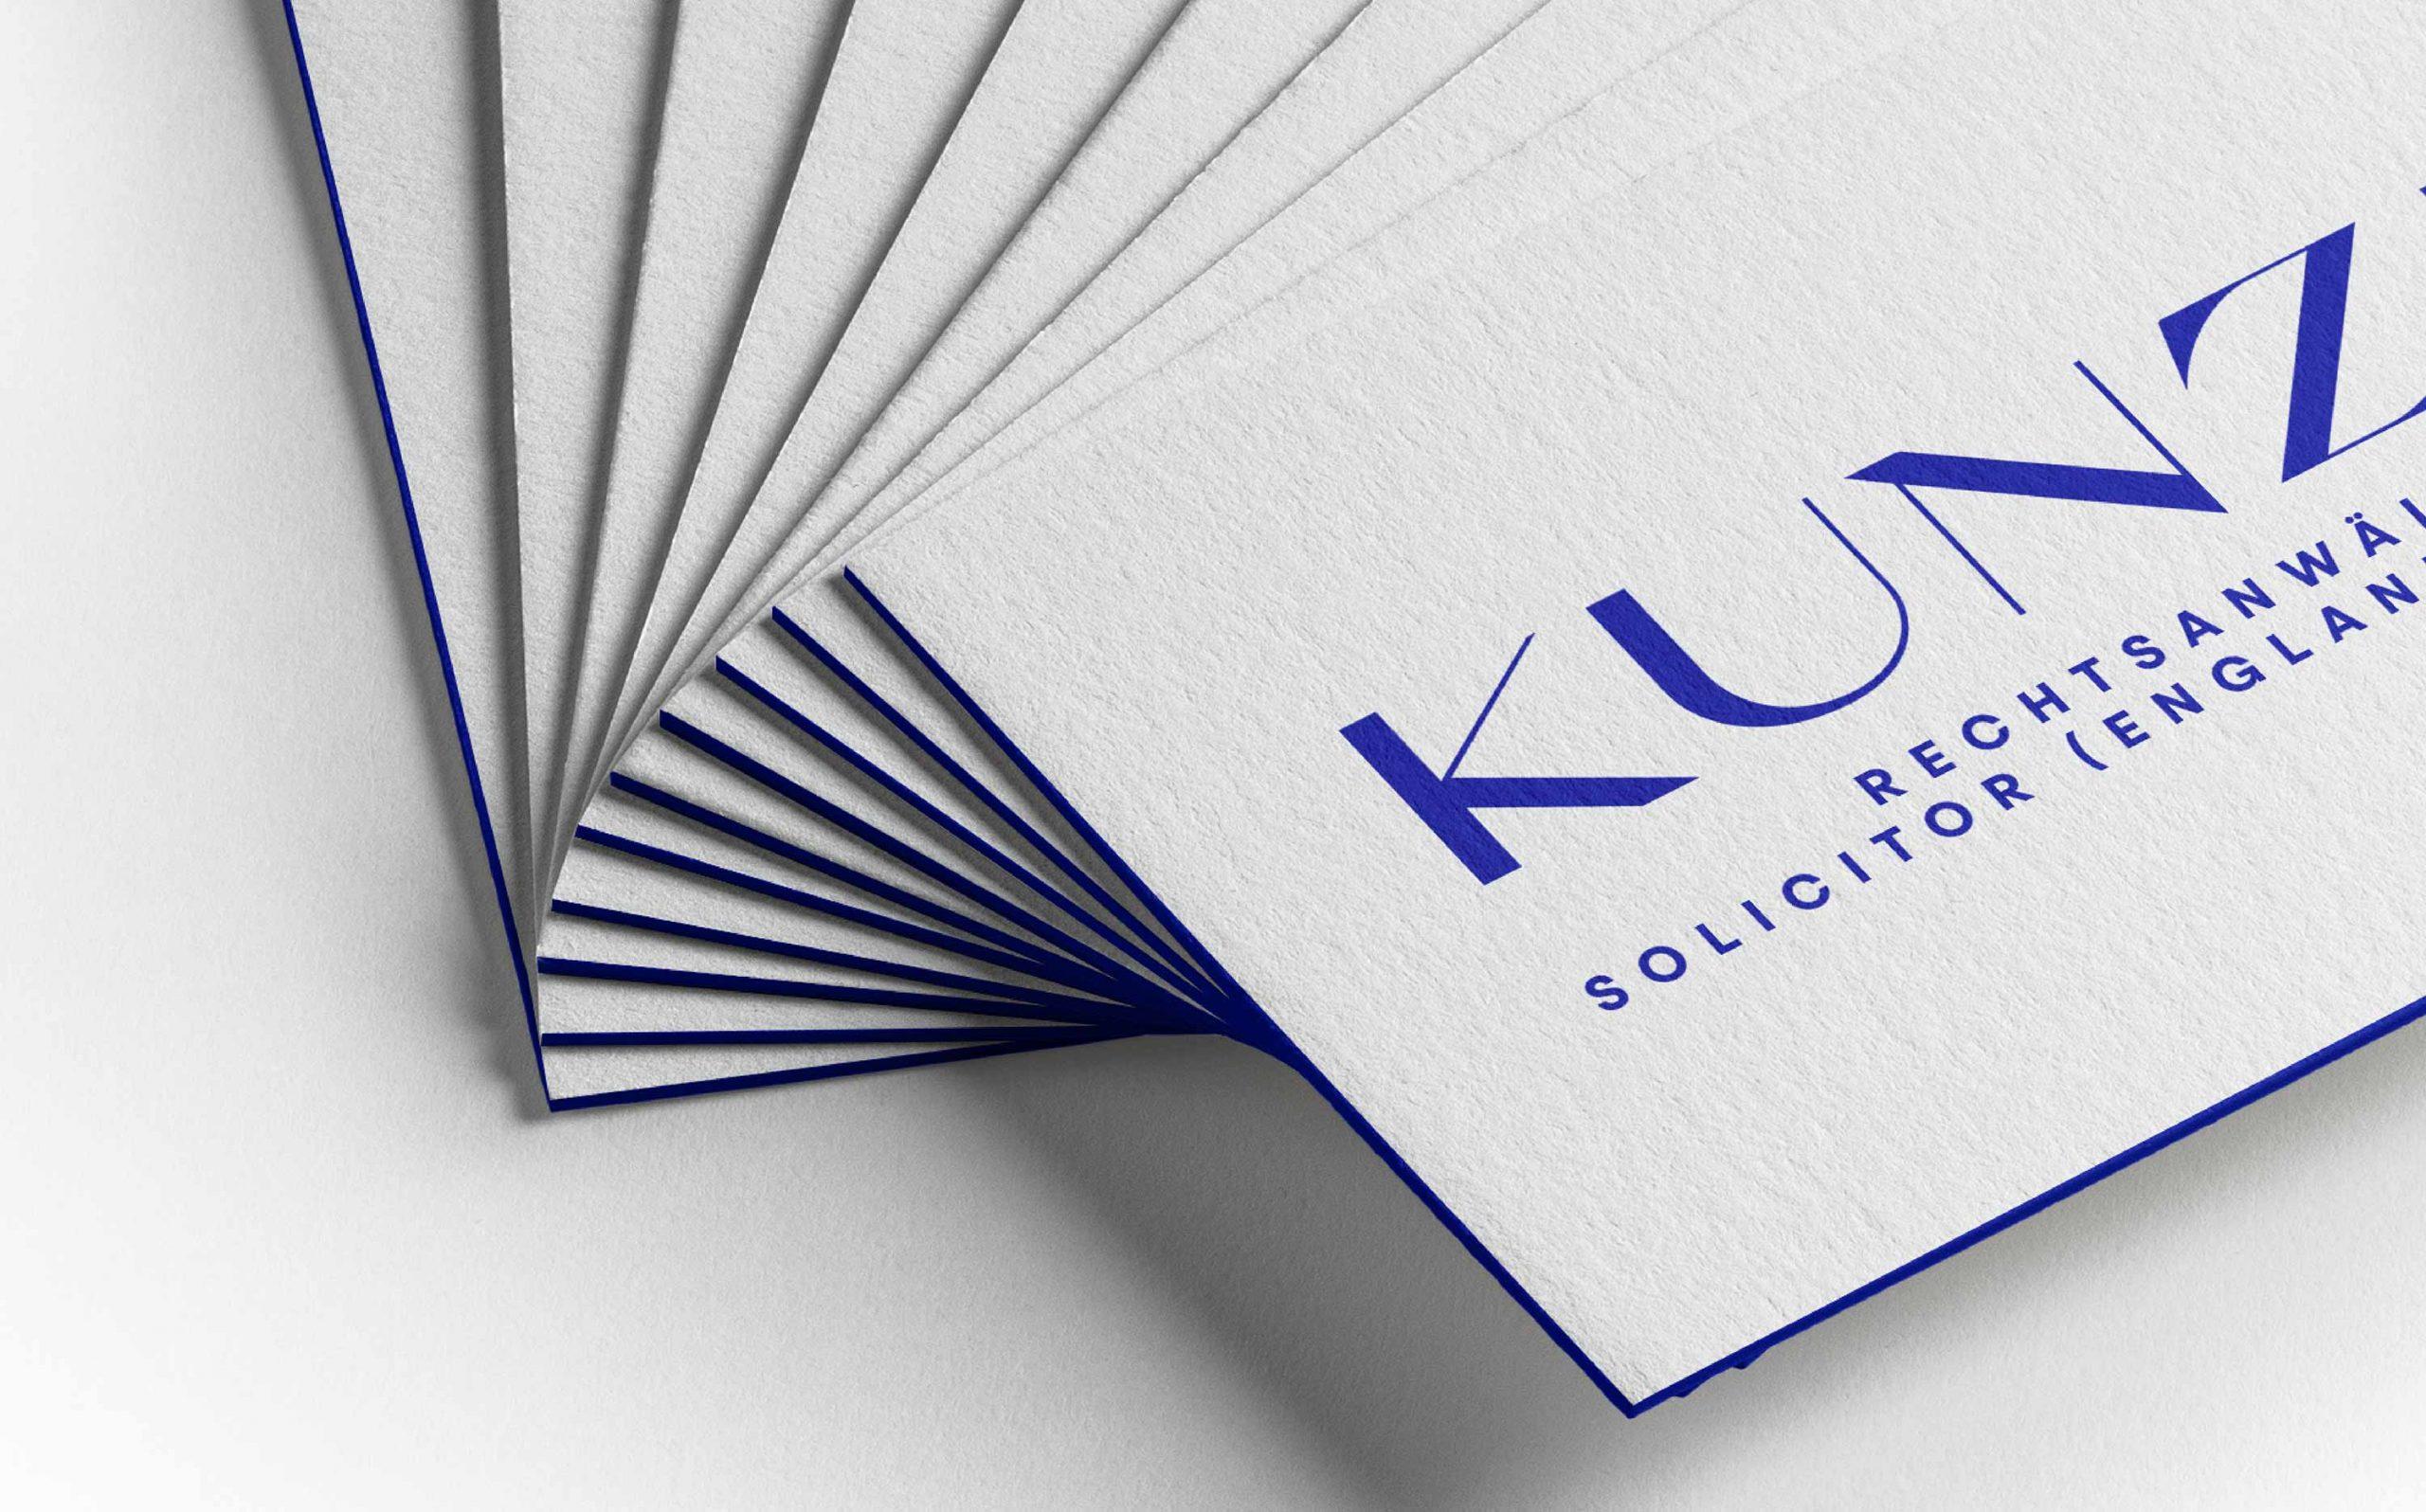 Corporate Design für Kunze Rechtsanwälte, München | Visitenkarten mit blauem Farbschnitt, adrett gestapelt | Keywords: Corporate Design, Branding, Contemporary Design, Blau, Blue, Typografie, Typography, Graphic Design, Grafikdesign, Abstrakte Kunst